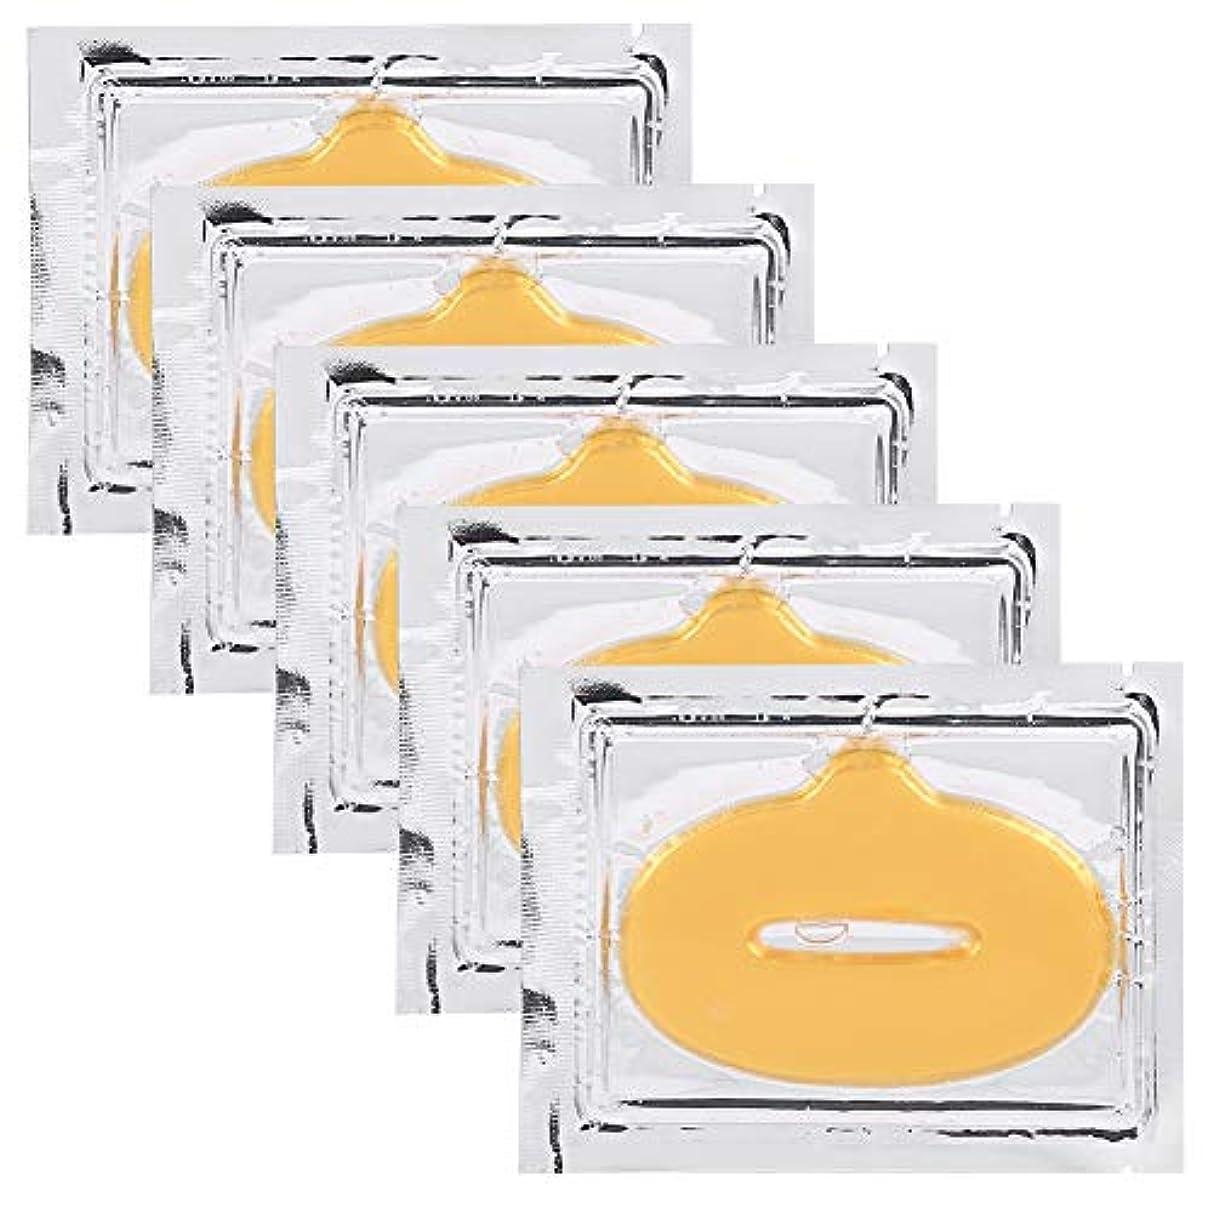 リングバックショップアラブサラボリップモイスチャー5個/セットコラーゲンクリスタルリップフィルムカバーアンチエイジングモイスチャーエッセンス剥離メンブレン